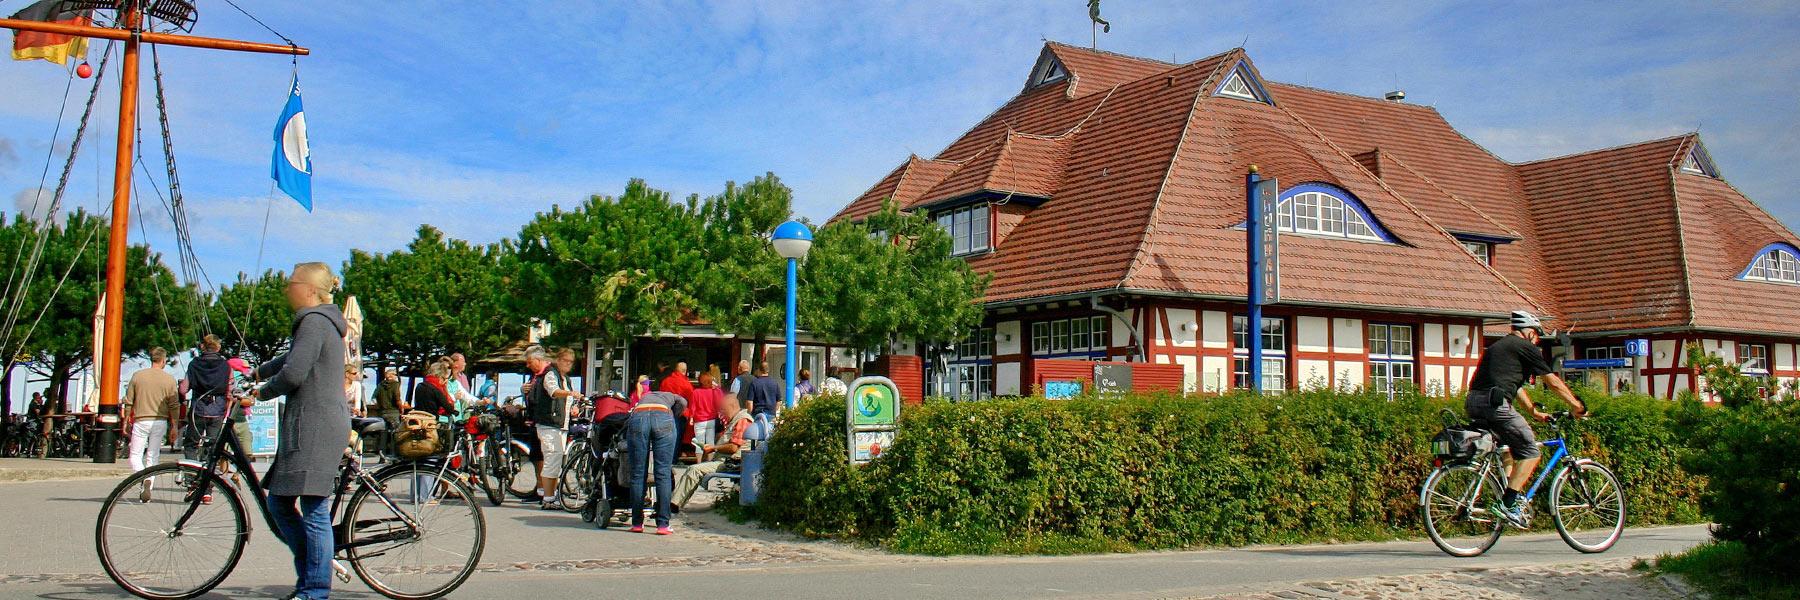 Kurhaus - Ostseeheilbad Zingst